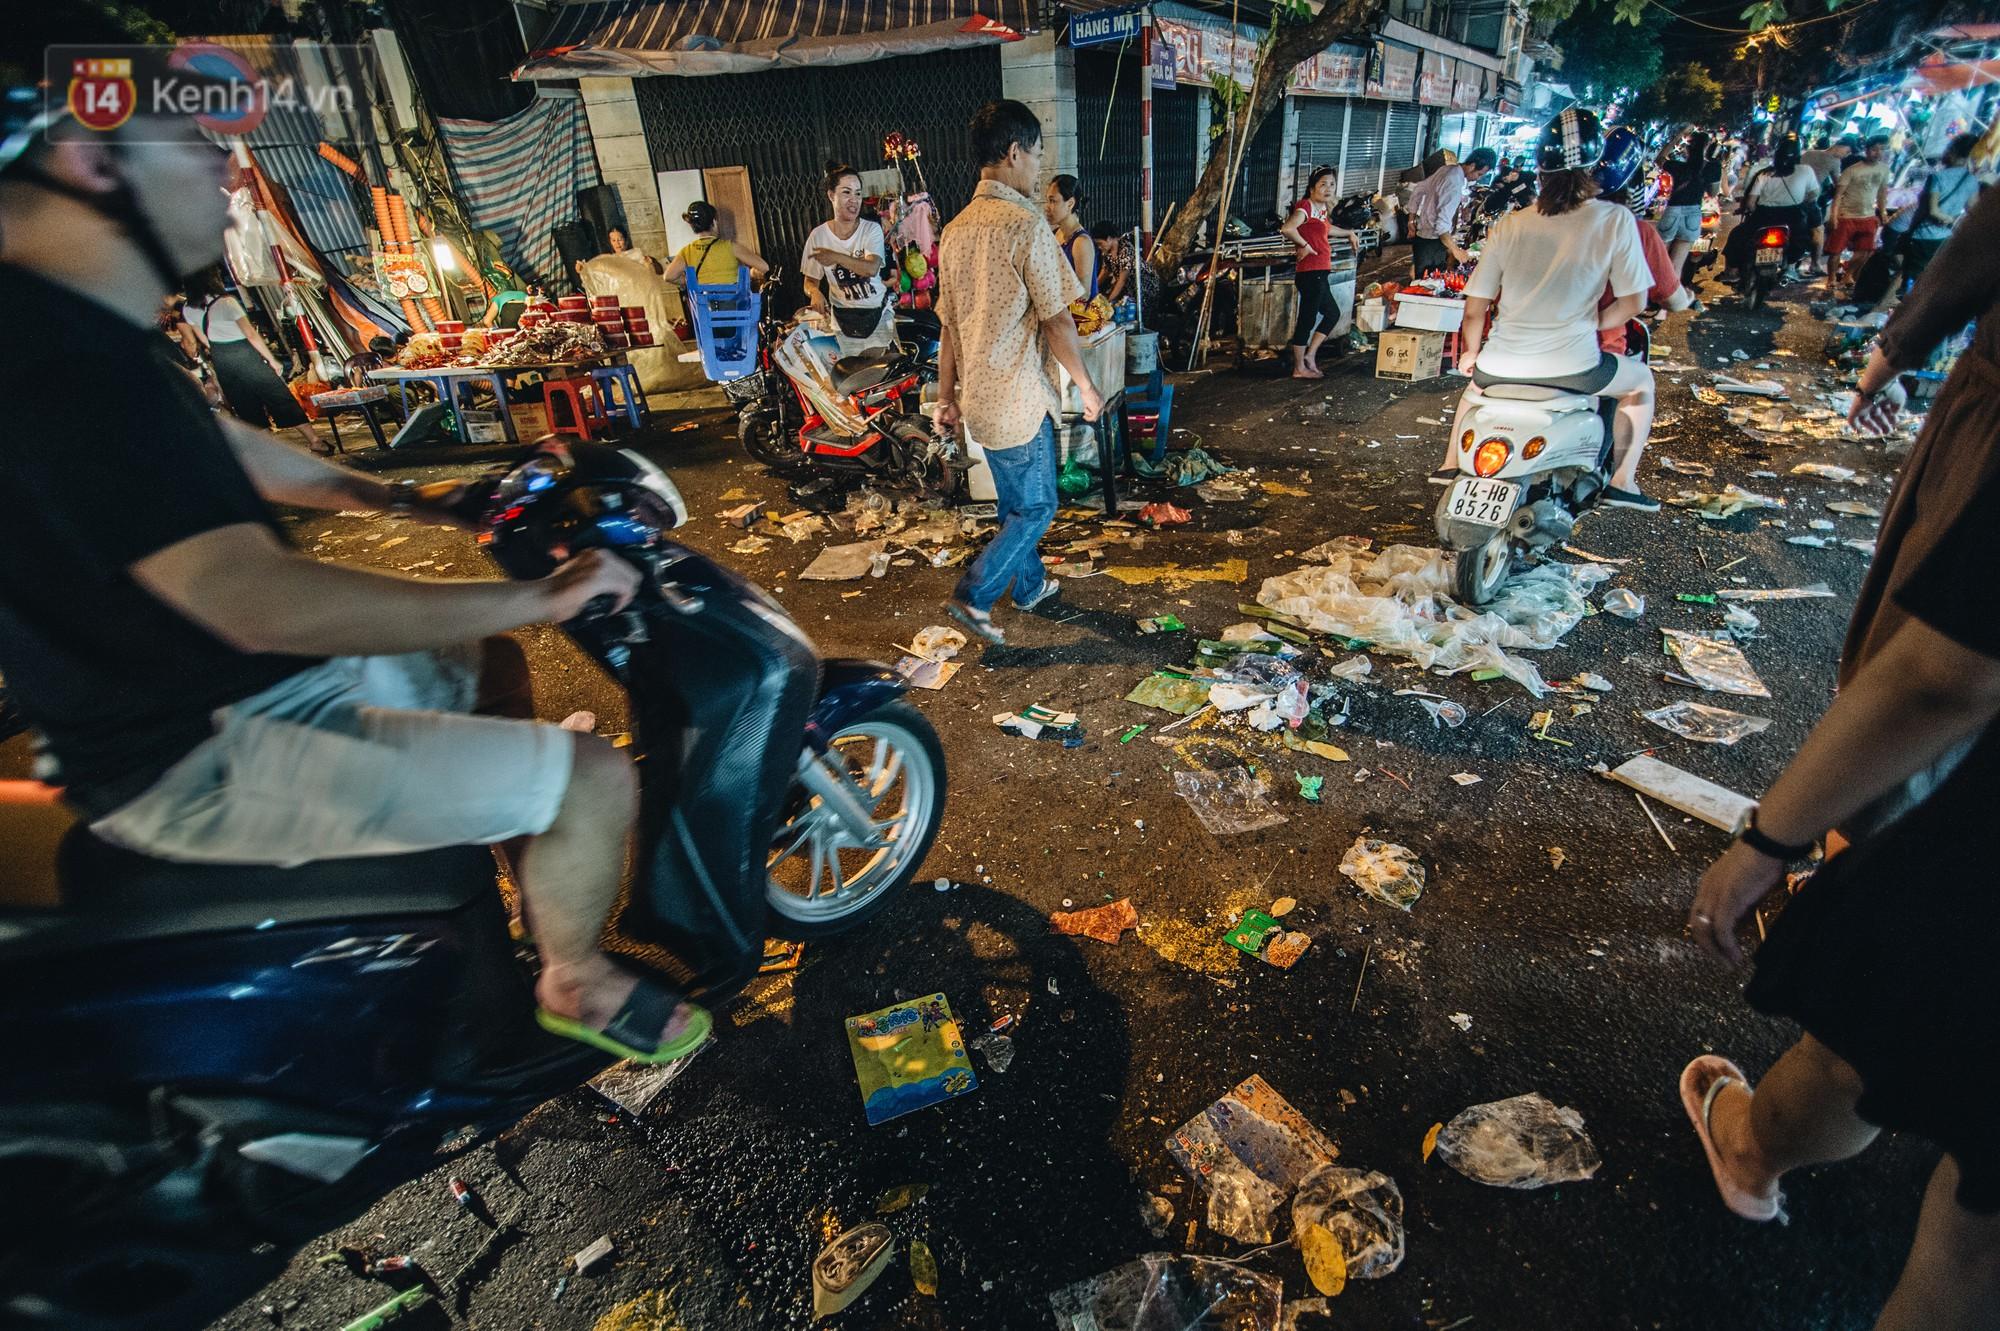 Sau Trung Thu, chợ truyền thống ở Hà nội ngập trong rác thải - Ảnh 3.